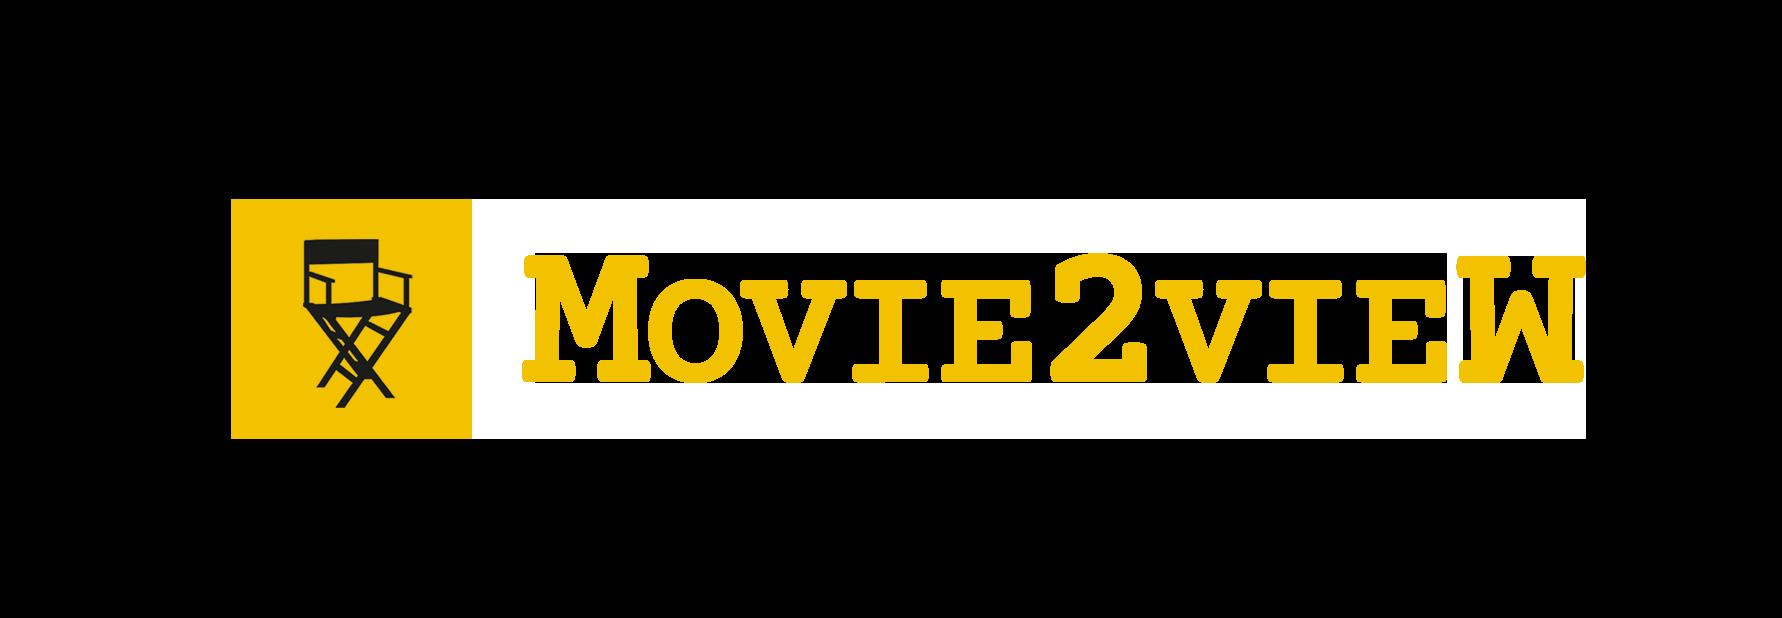 Movie2vieW